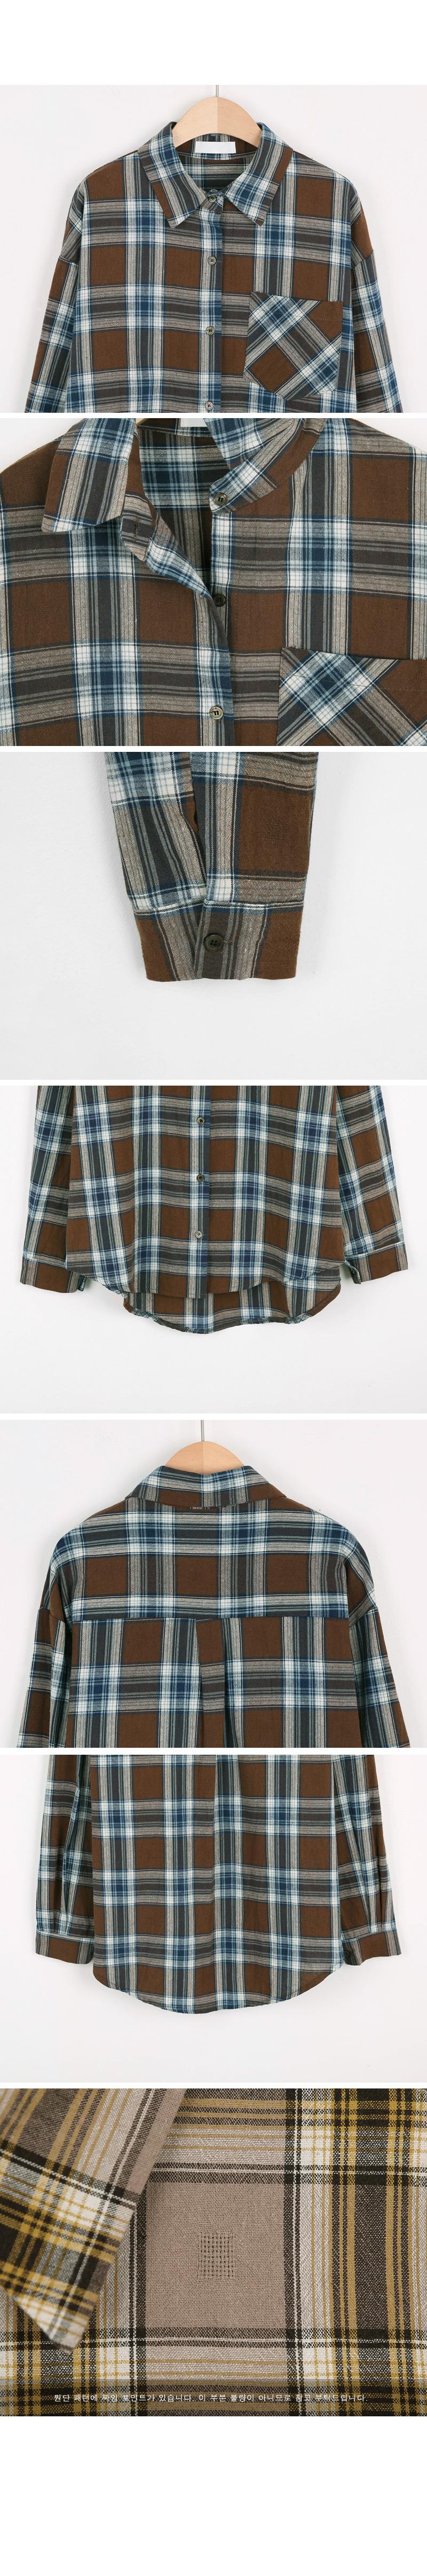 Boy check shirt